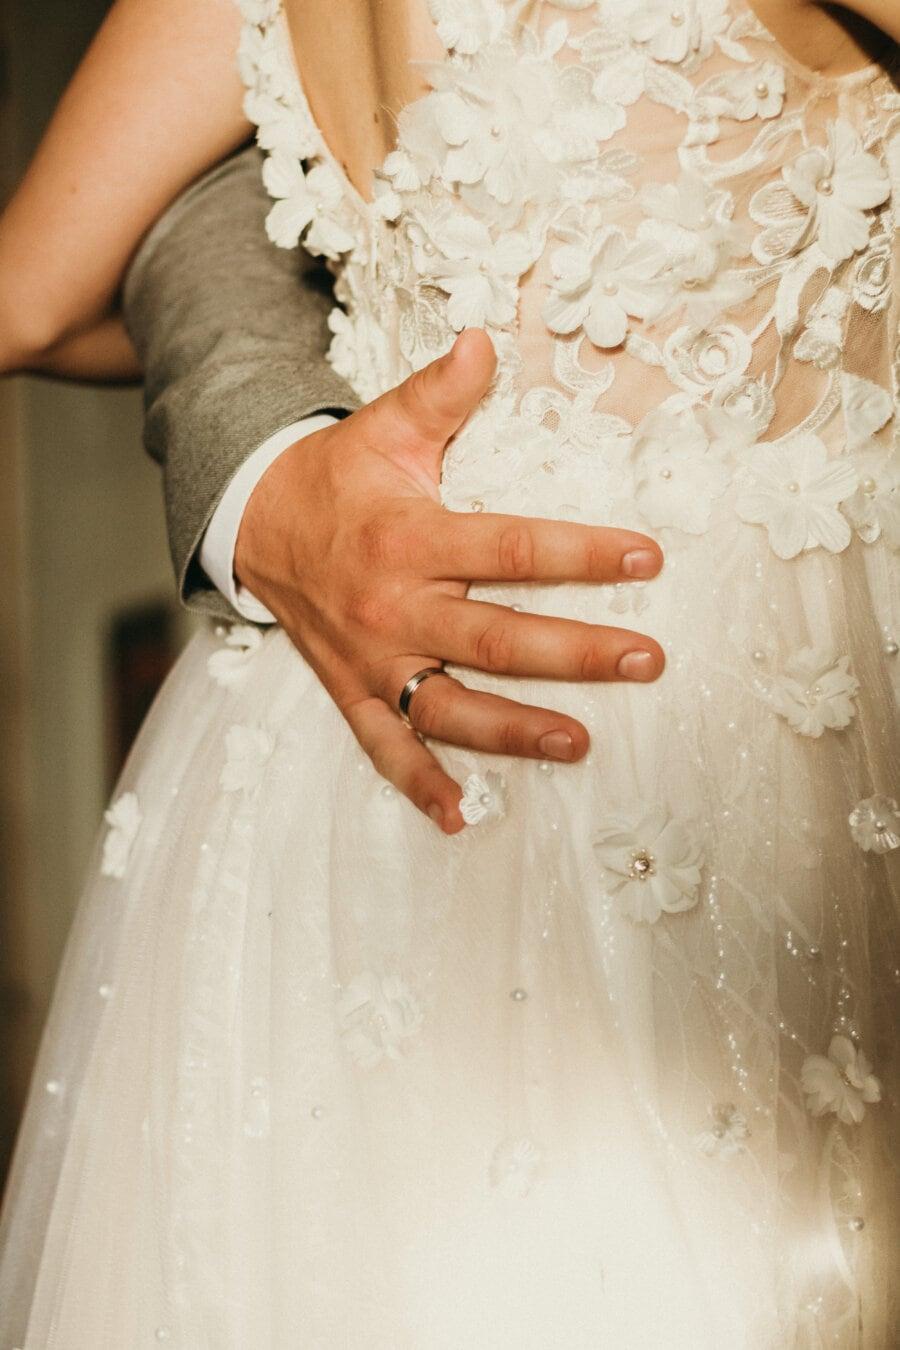 sposa, vestito da sposa, anello di nozze, marito, mano, matrimonio, sposo, matrimonio, impegno, pasta